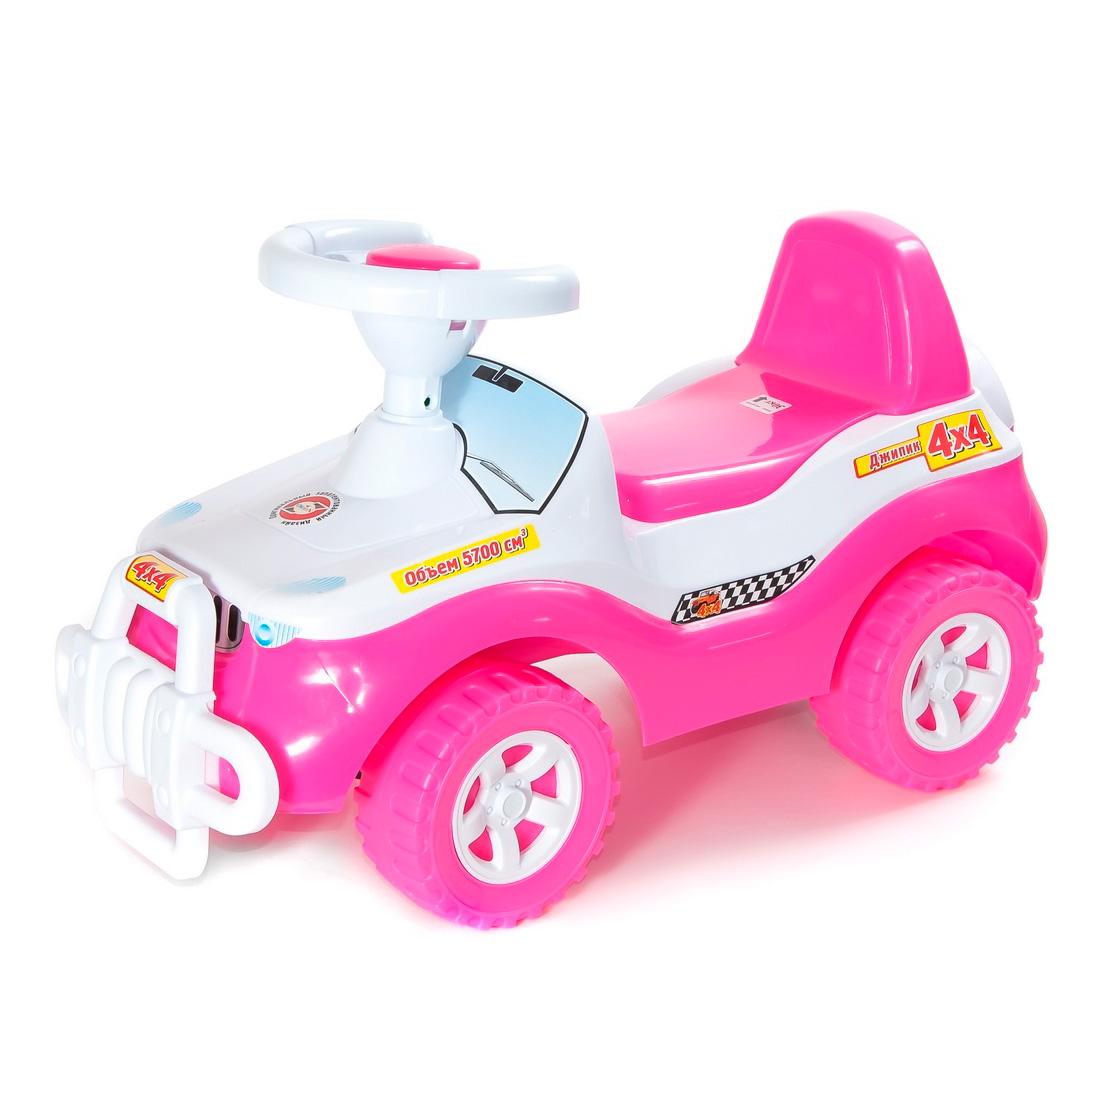 Каталка-автомобиль RT Джипик ОР105 с клаксоном Розовая<br>